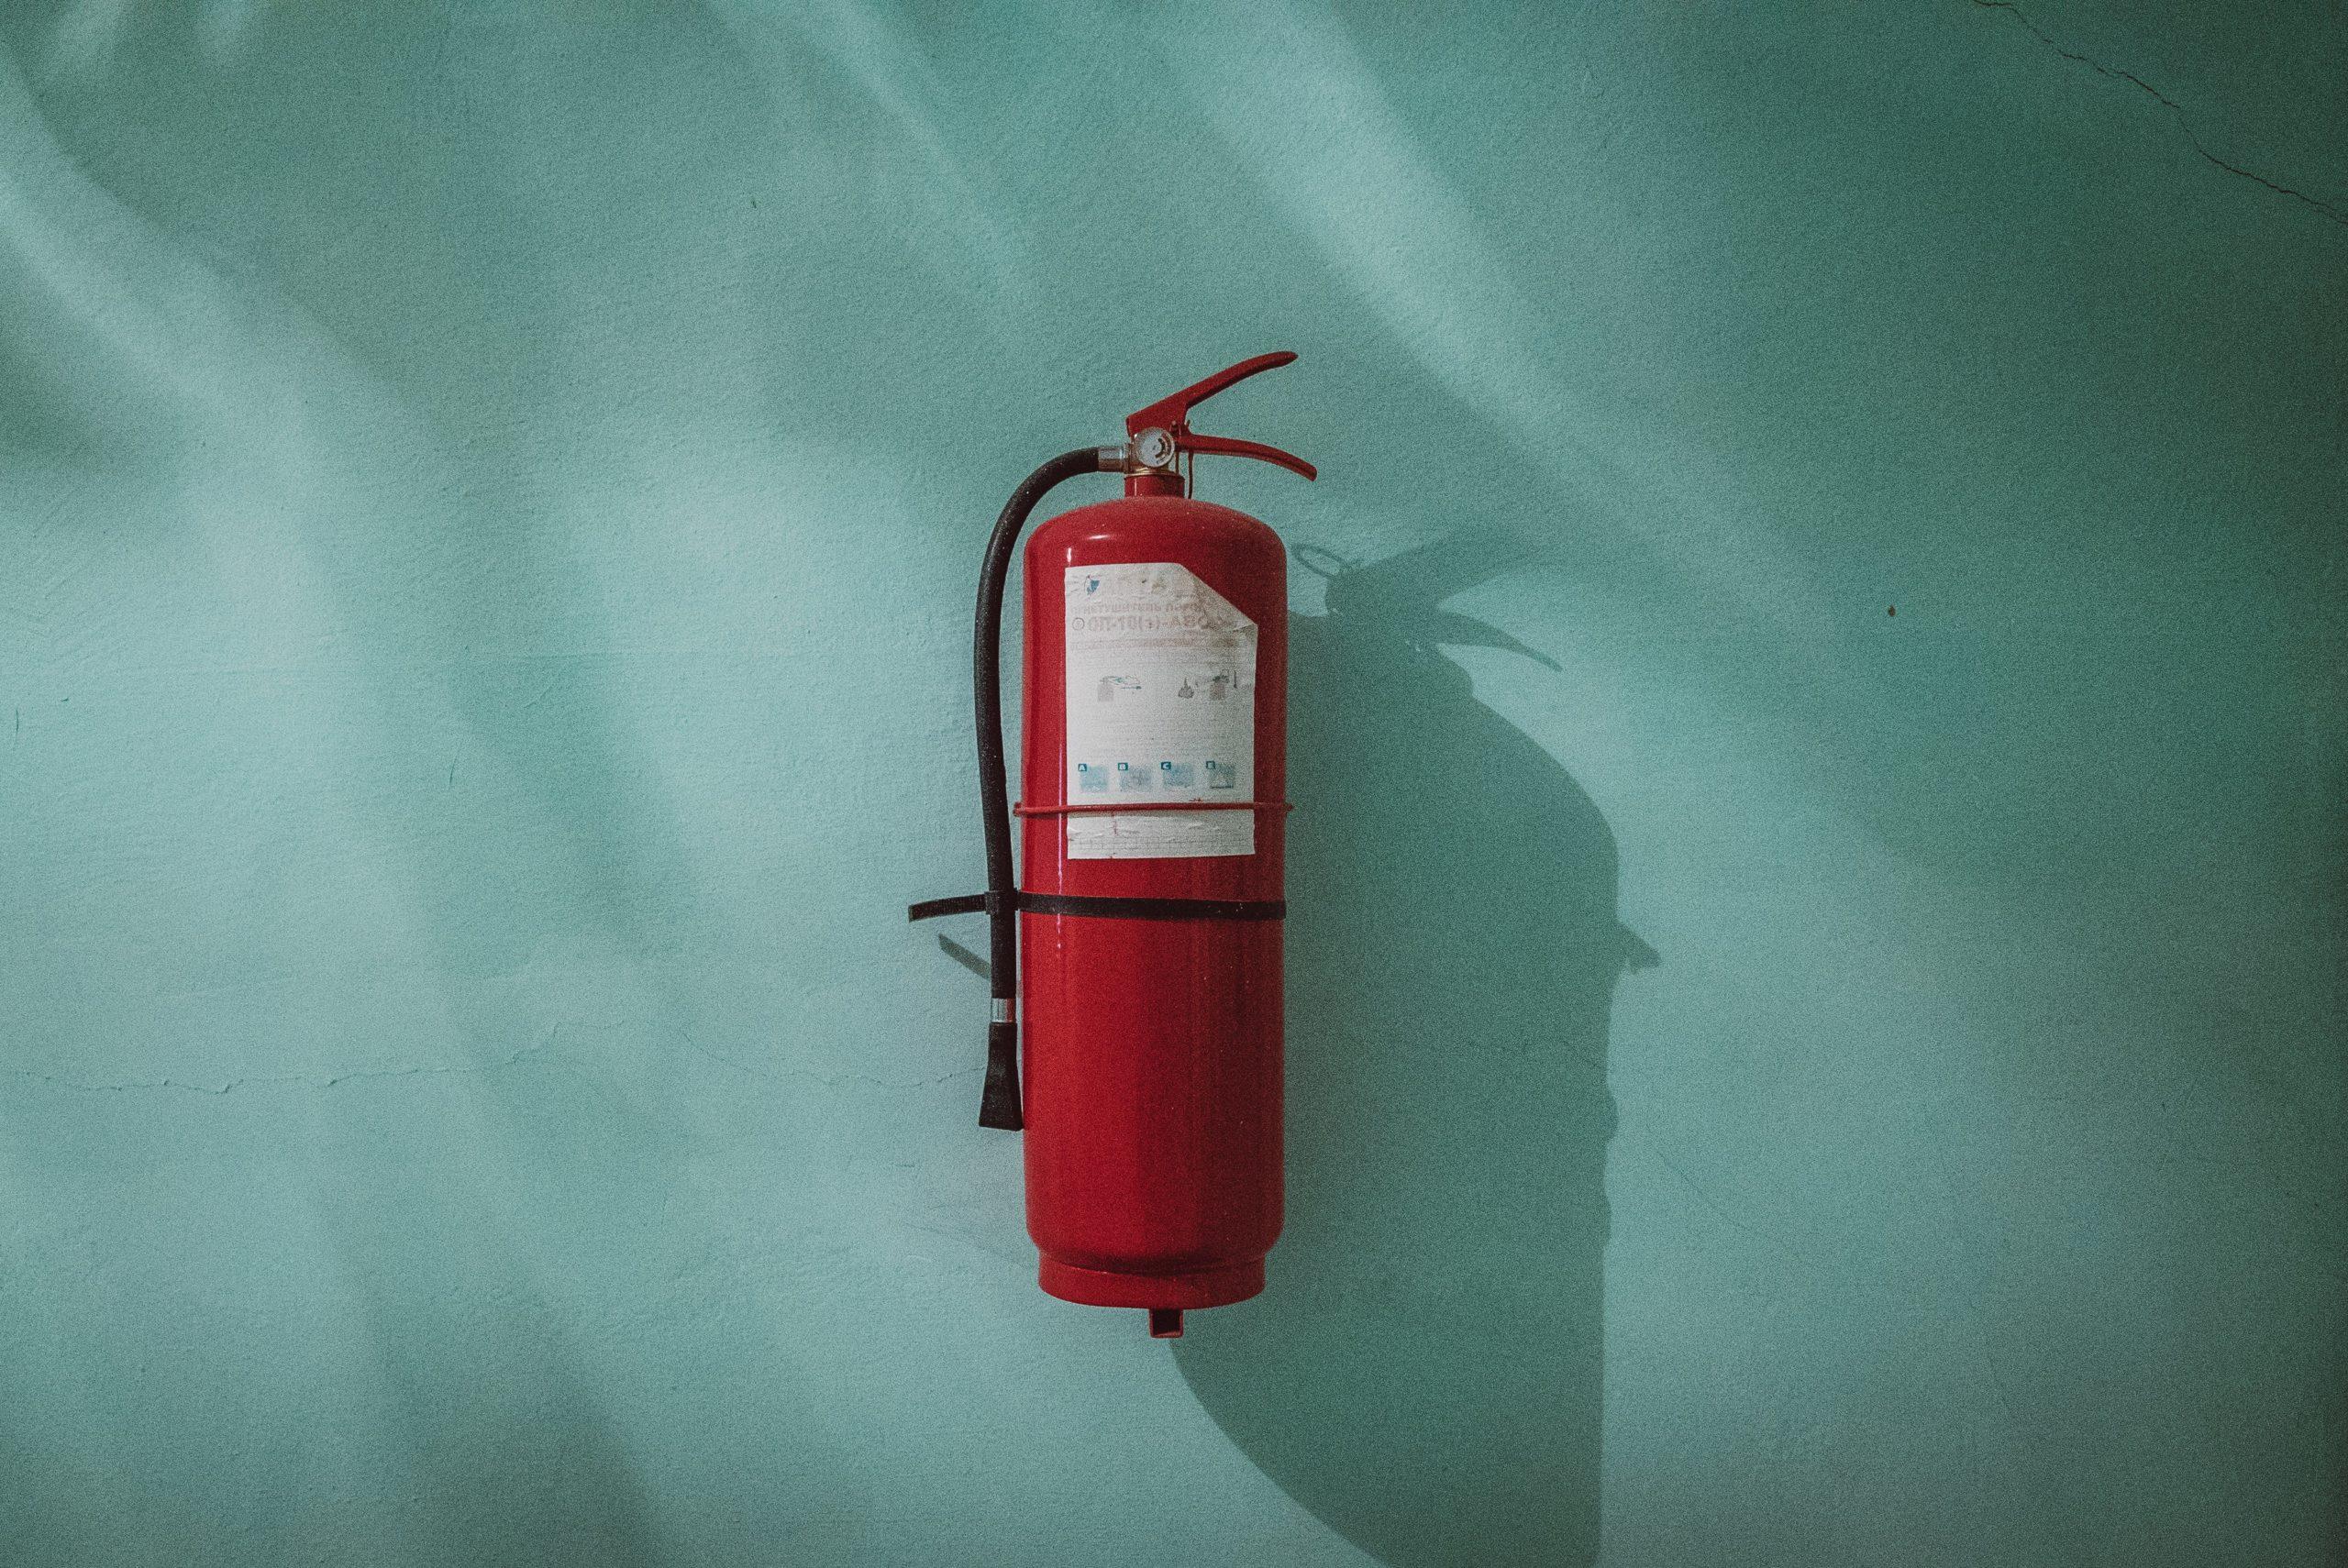 感知警報装置設置等級とは?安全のための火災警報機の種類について知ろう